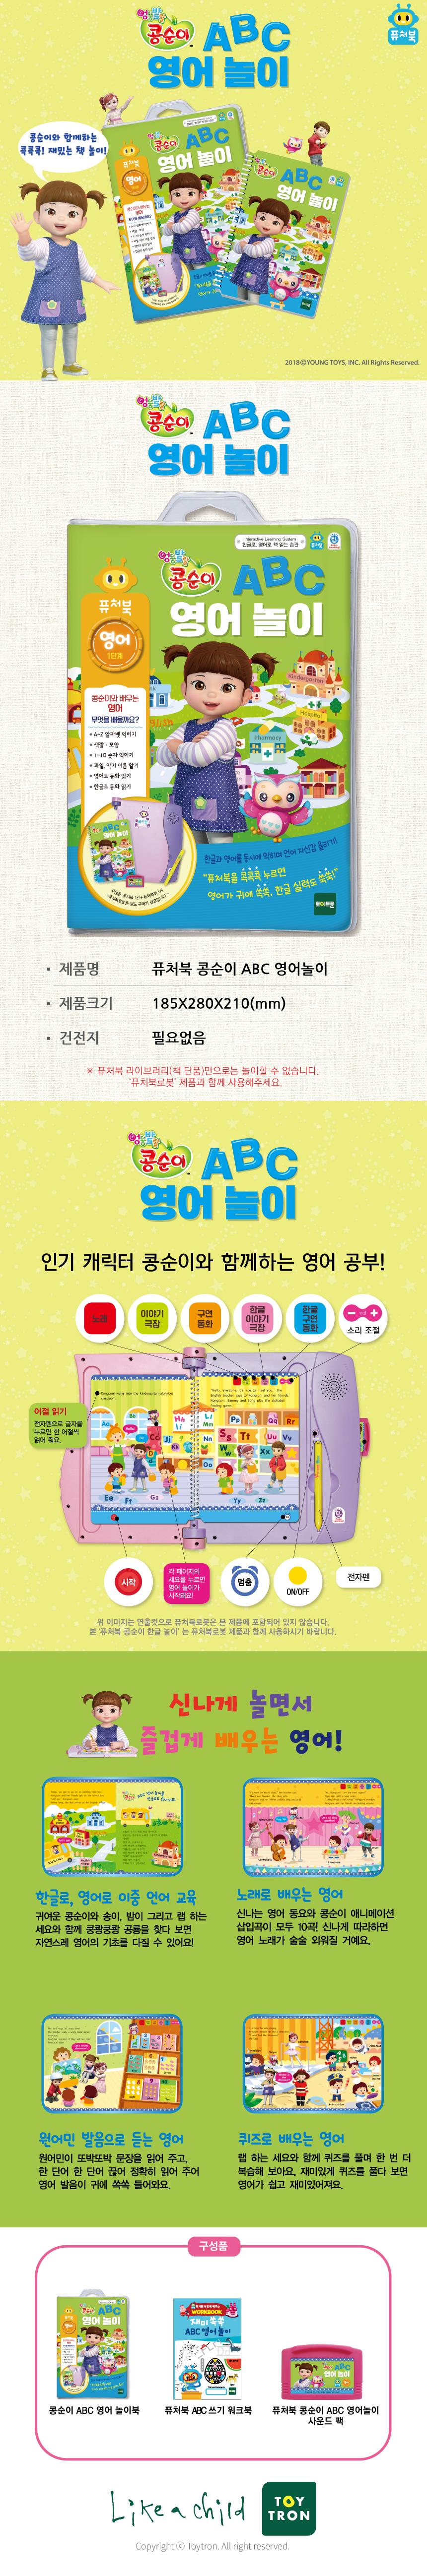 [공식판매]퓨처북 콩순이 ABC영어놀이 - 퓨처라이브러리, 26,000원, 교육용, 교육용 장난감